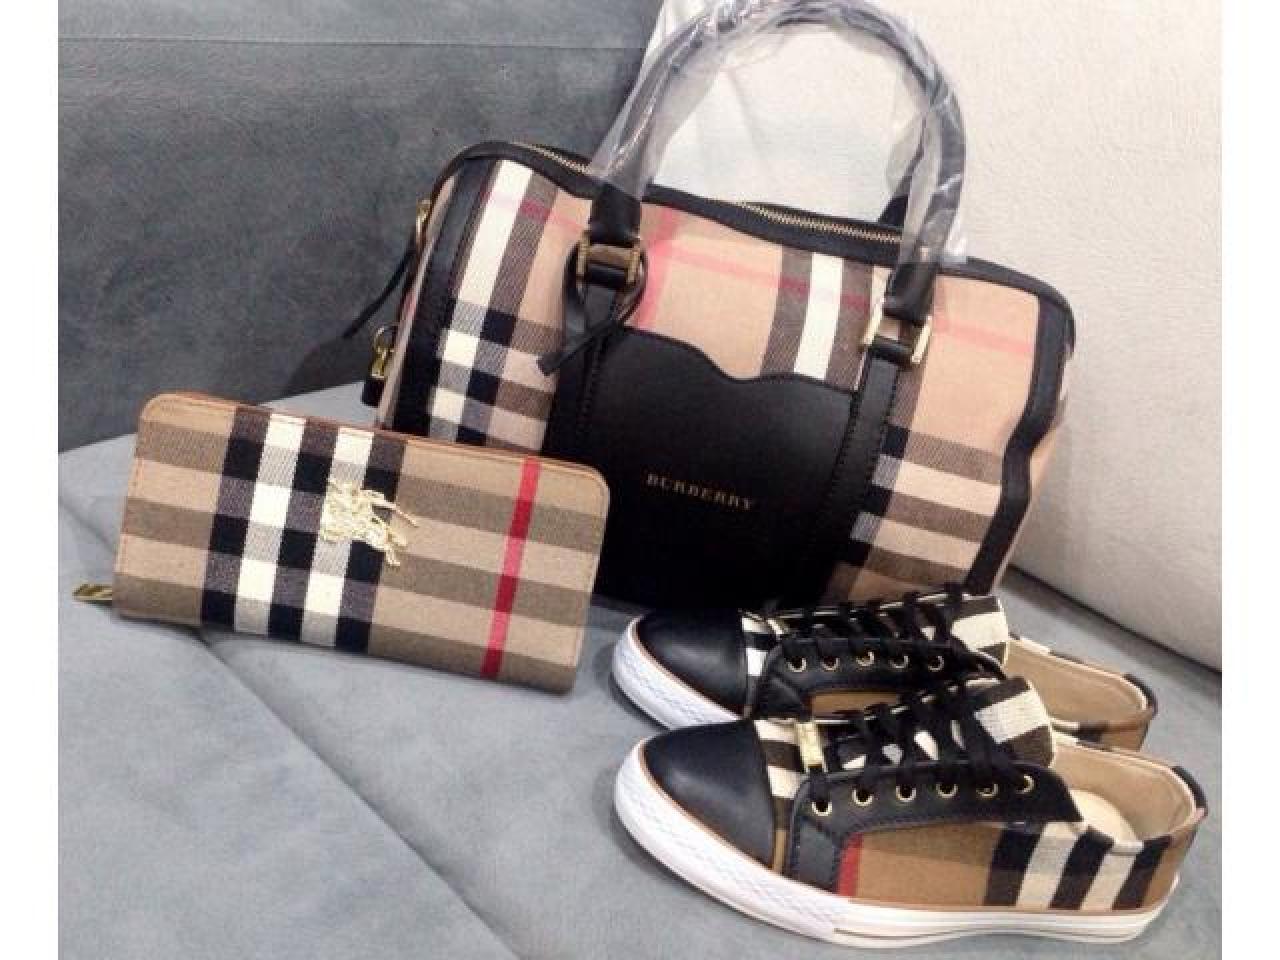 Обувь и сумочки копии знаменитых брендов - 1